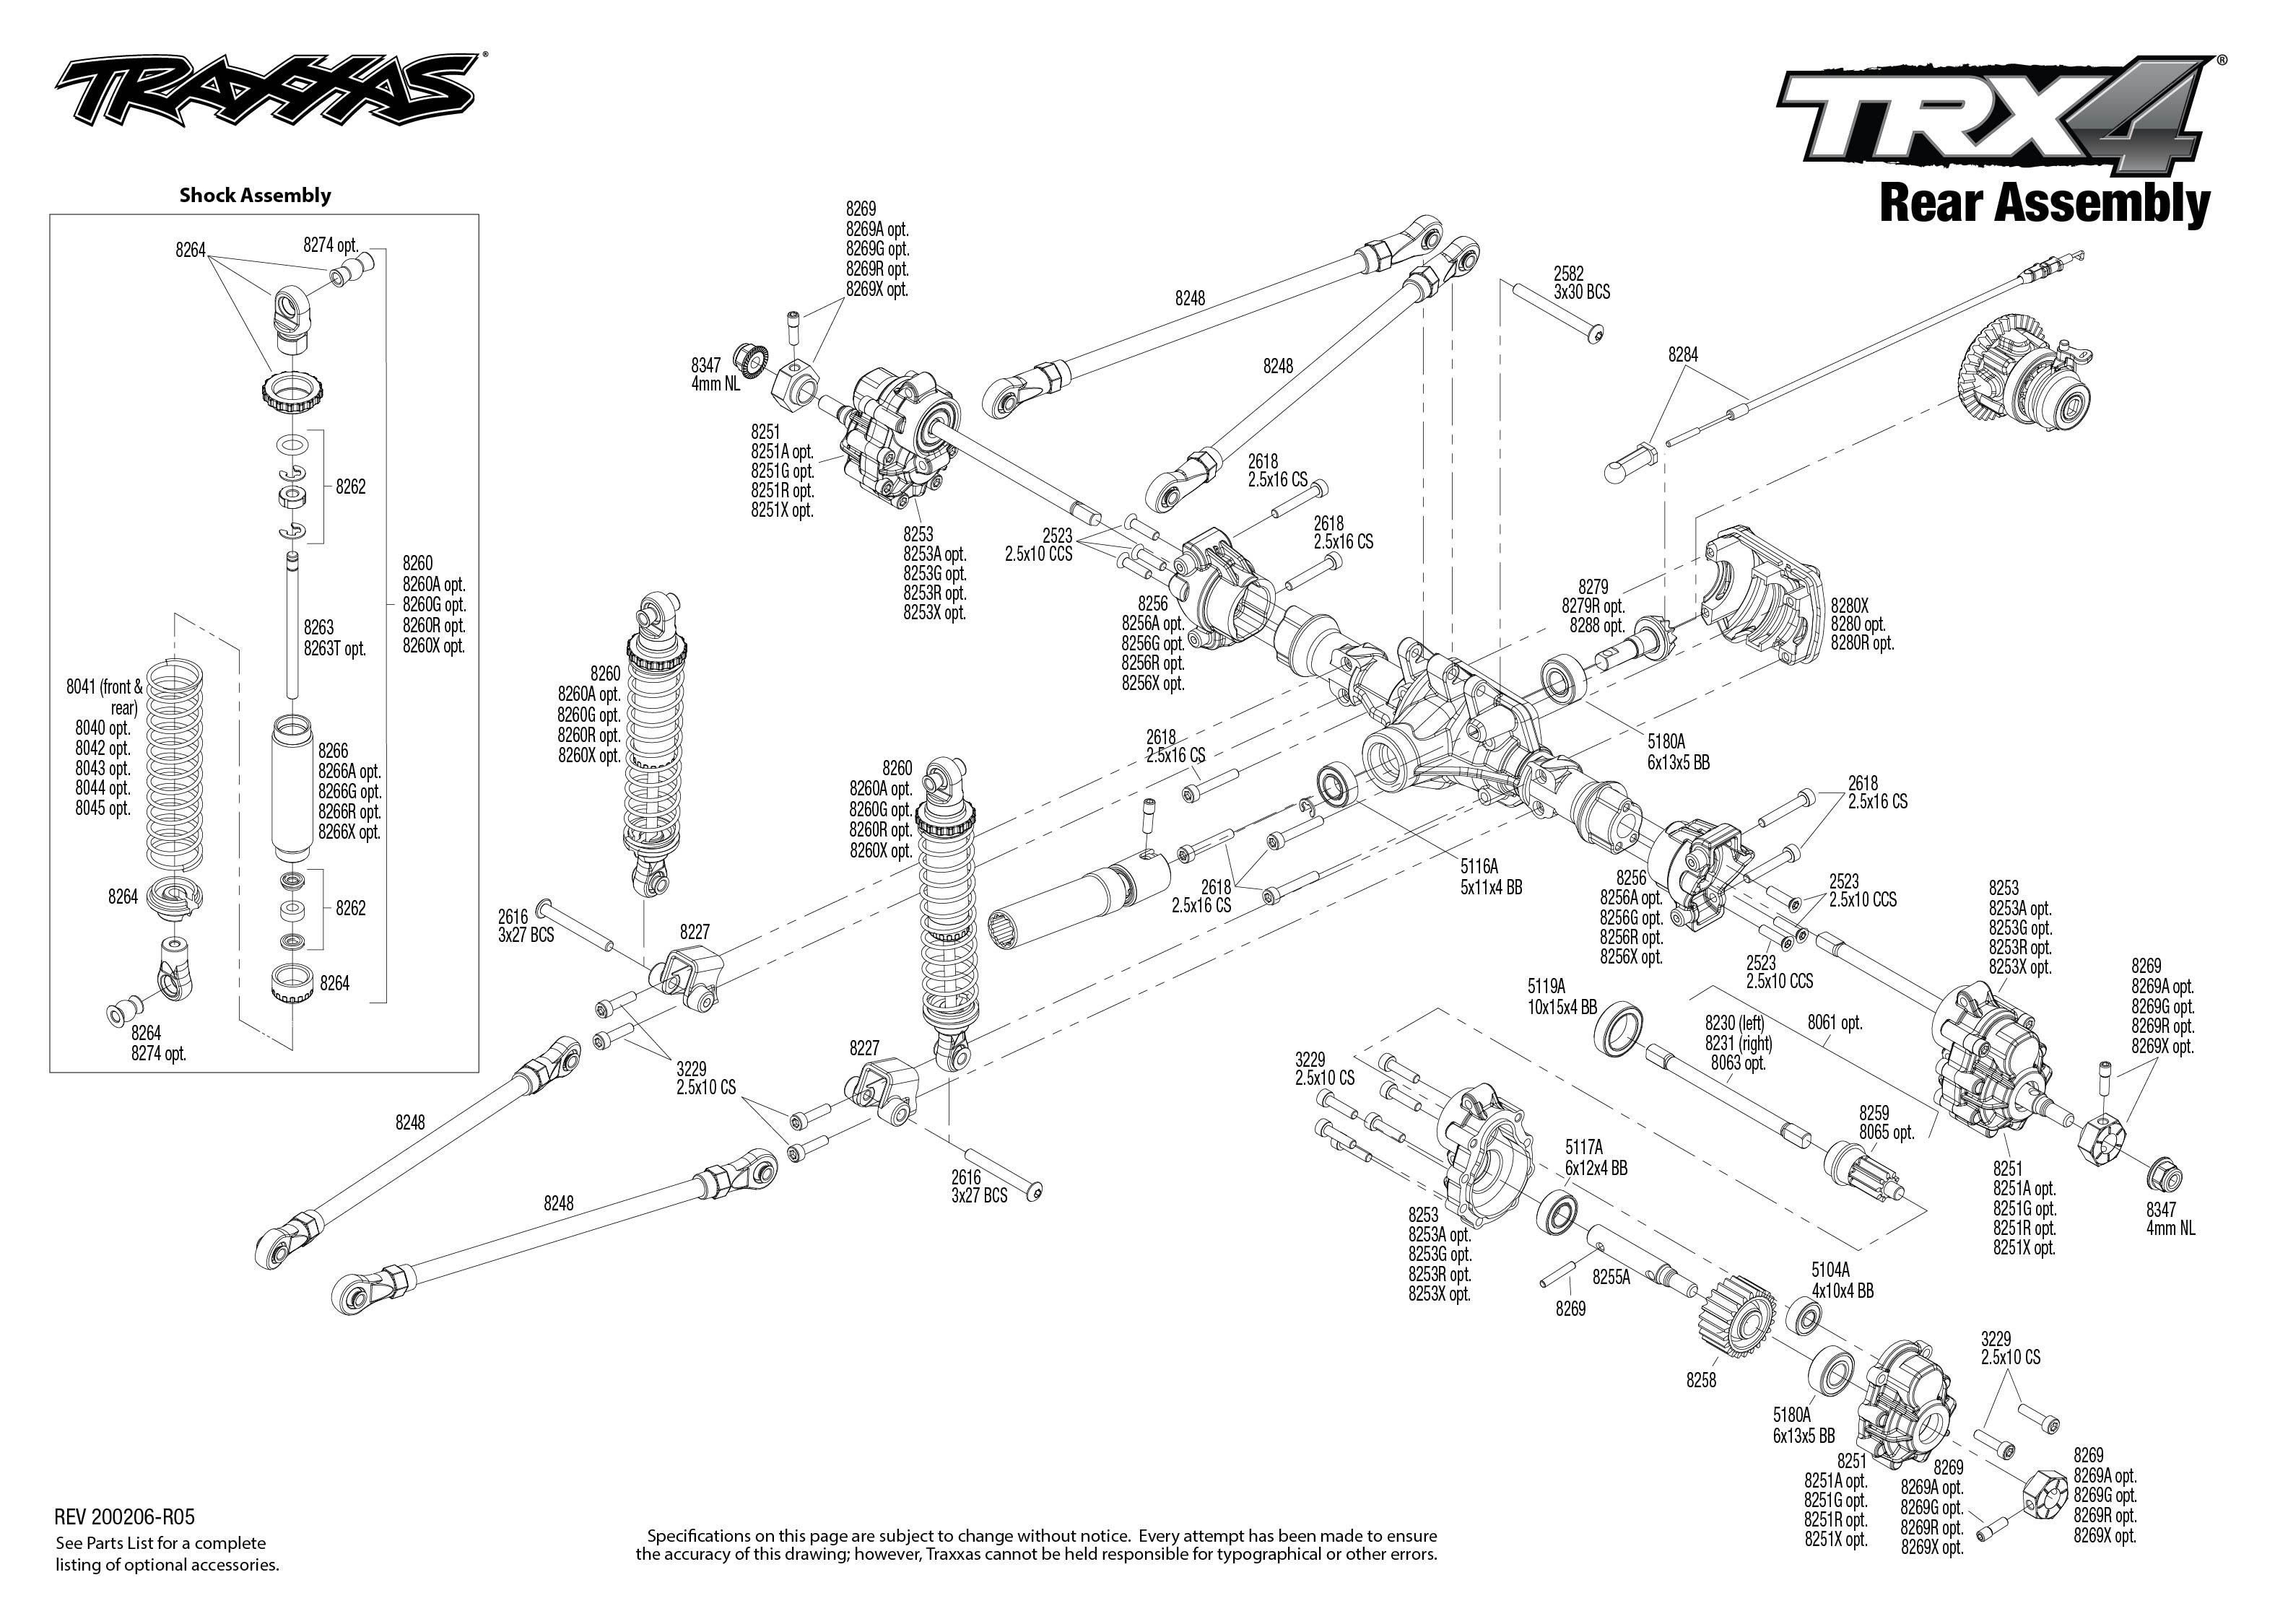 Traxxas Blazer Scale and Trail 1/10 4WD Rock Crawler